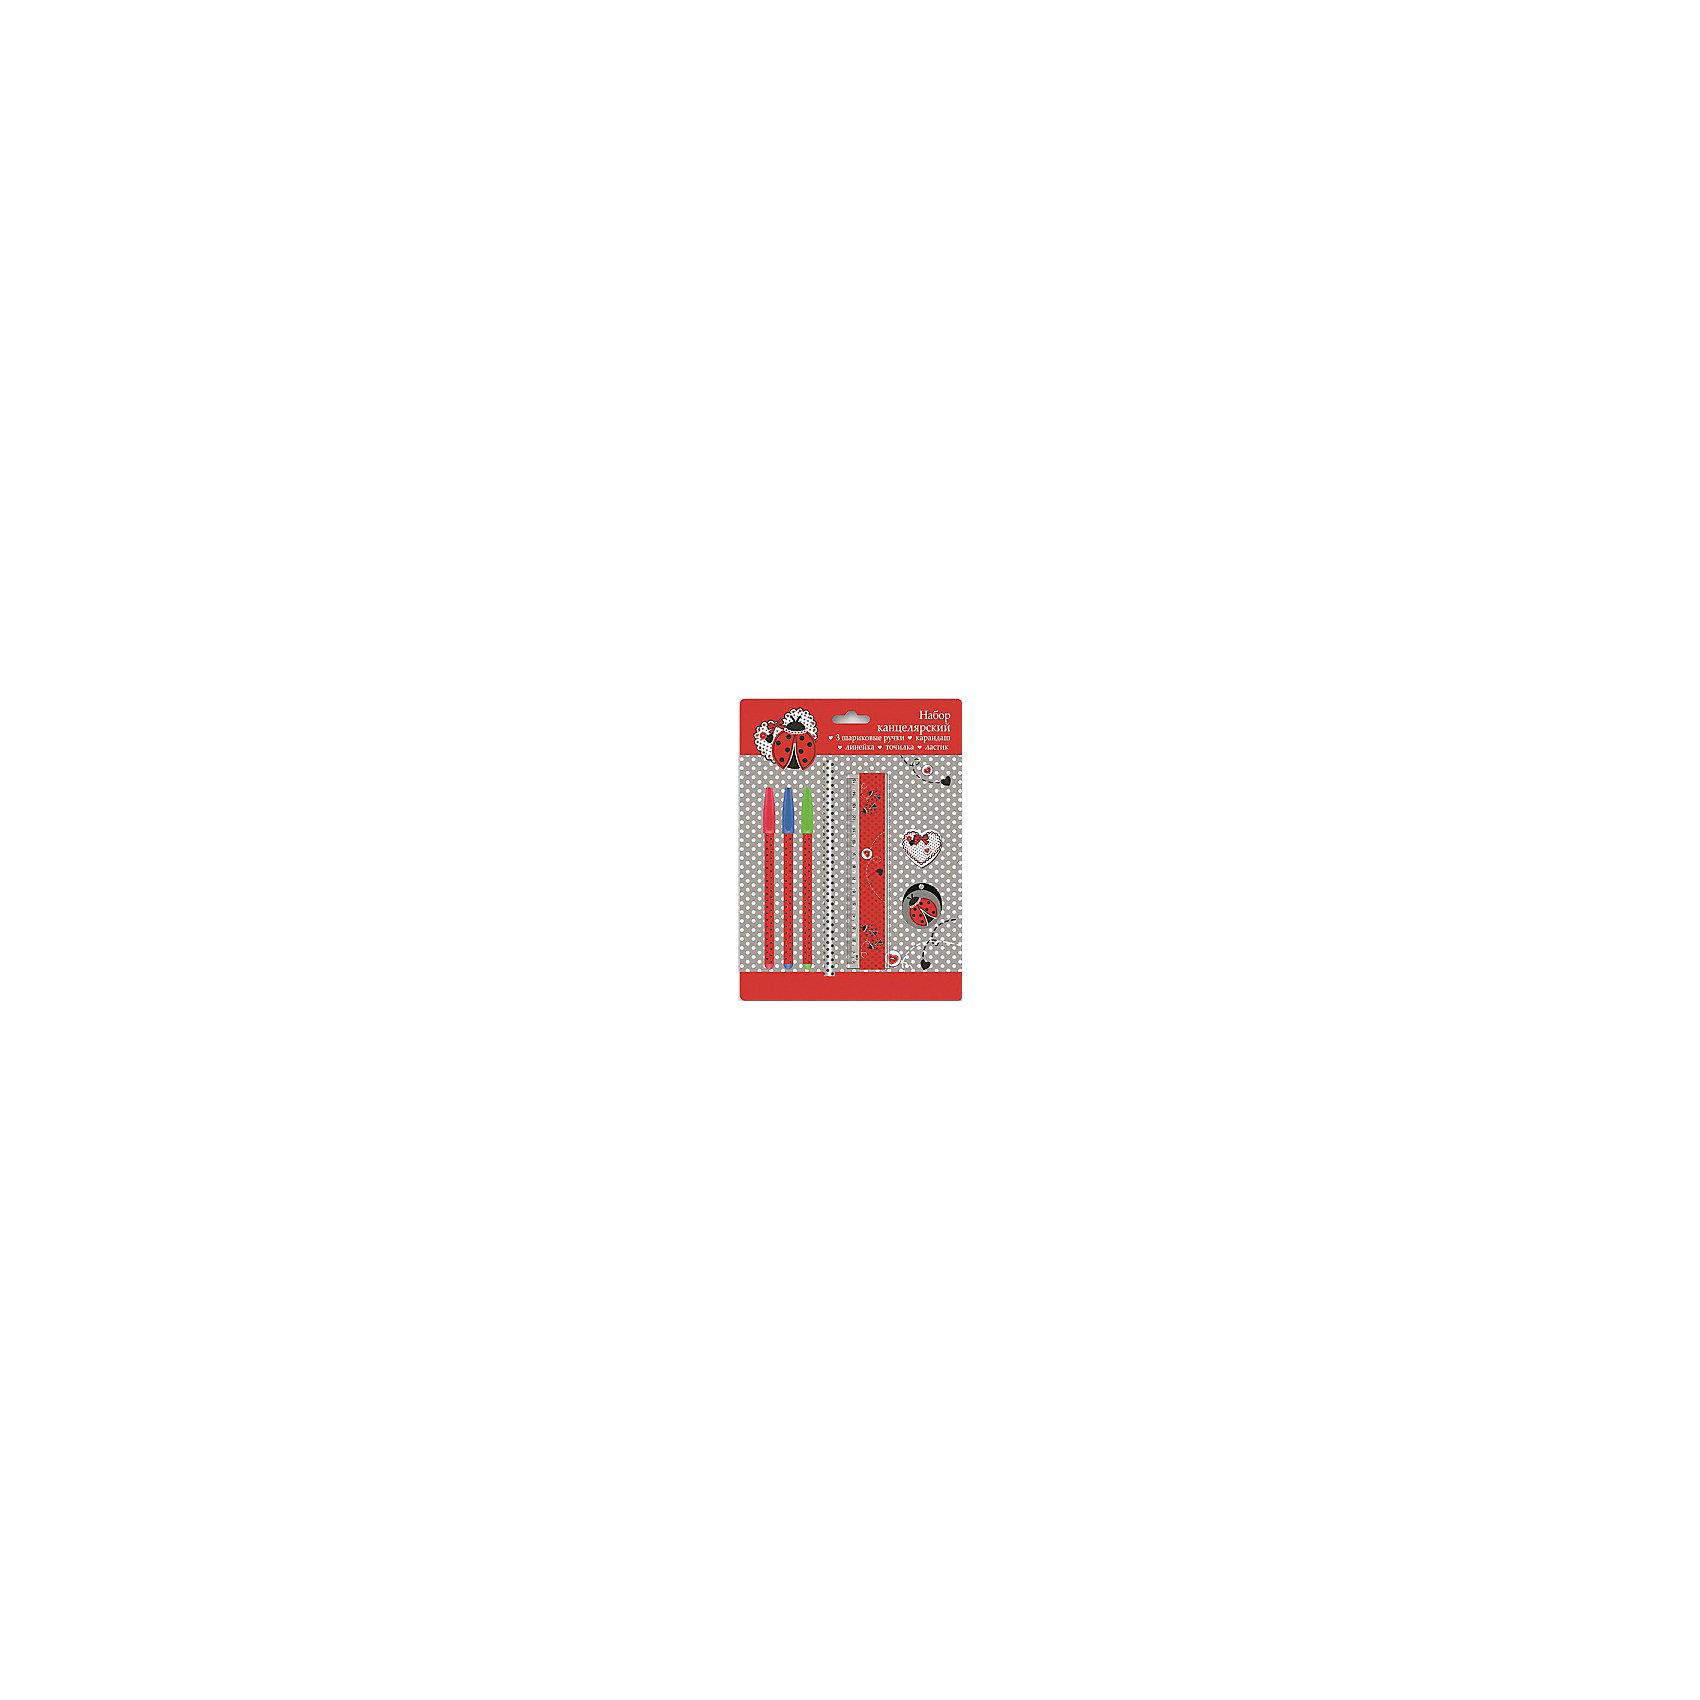 Канцелярский набор Божья коровка, 7 предметовШкольные аксессуары<br>Яркие канцелярские принадлежности сделают школьные занятия веселее и поднимут ребенку настроение. В состав канцелярского набора Божья коровка входят три разноцветные шариковые ручки (красная, зеленая, синяя), 1 ластик диаметром 35мм, 1 точилка для карандашей диаметром 35мм, 1 пластиковая линейка длиной 15 см, 1 круглый заточенный чернографитный карандаш в древесной оболочке твердости HB.<br>Все предметы выполнены в одном стиле, из качественных и безопасных для ребенка материалов. Упаковка - блистер.<br><br>Дополнительная информация:<br><br>цвет: разноцветный;<br>материал: пластик, дерево.<br><br>Комплектация: <br>3 ручки,<br>1 ластик, <br>1 точилка, <br>1 линейка,<br>1 карандаш.<br><br>Канцелярский набор Божья коровка, 7 предметов можно купить в нашем магазине.<br><br>Ширина мм: 245<br>Глубина мм: 180<br>Высота мм: 20<br>Вес г: 75<br>Возраст от месяцев: 72<br>Возраст до месяцев: 144<br>Пол: Женский<br>Возраст: Детский<br>SKU: 4746259